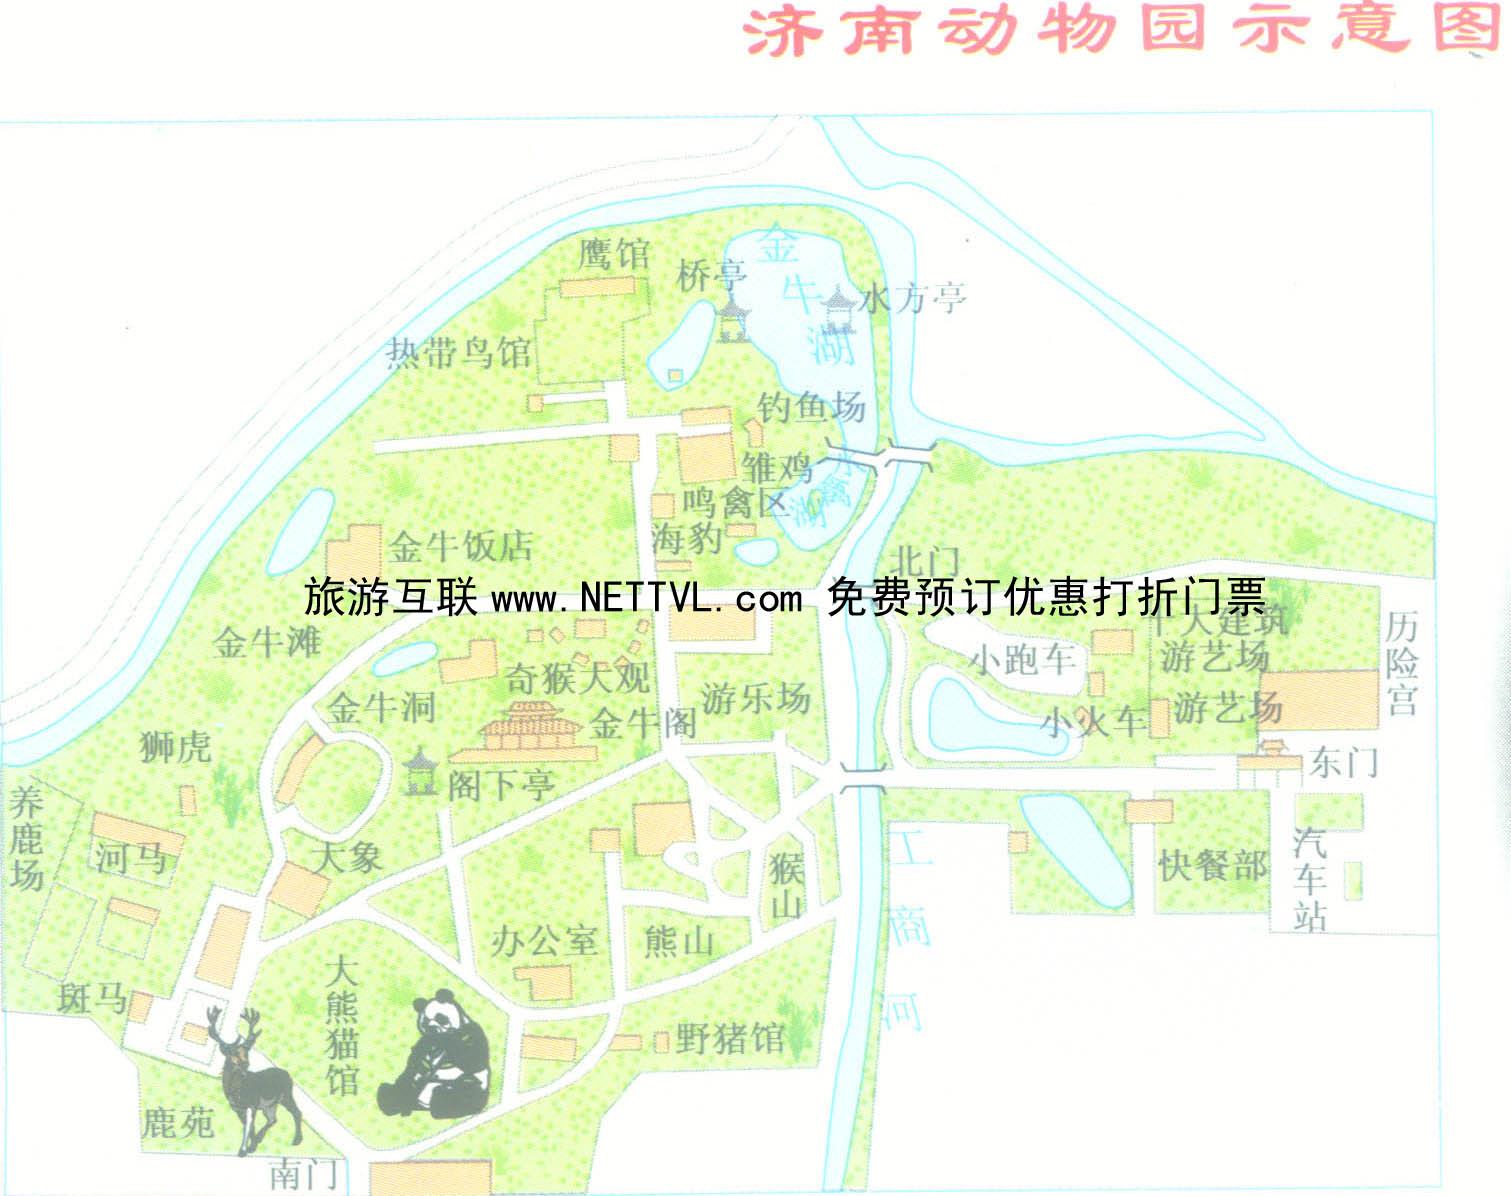 济南野生动物园导游地图(济南动物园旅游地图